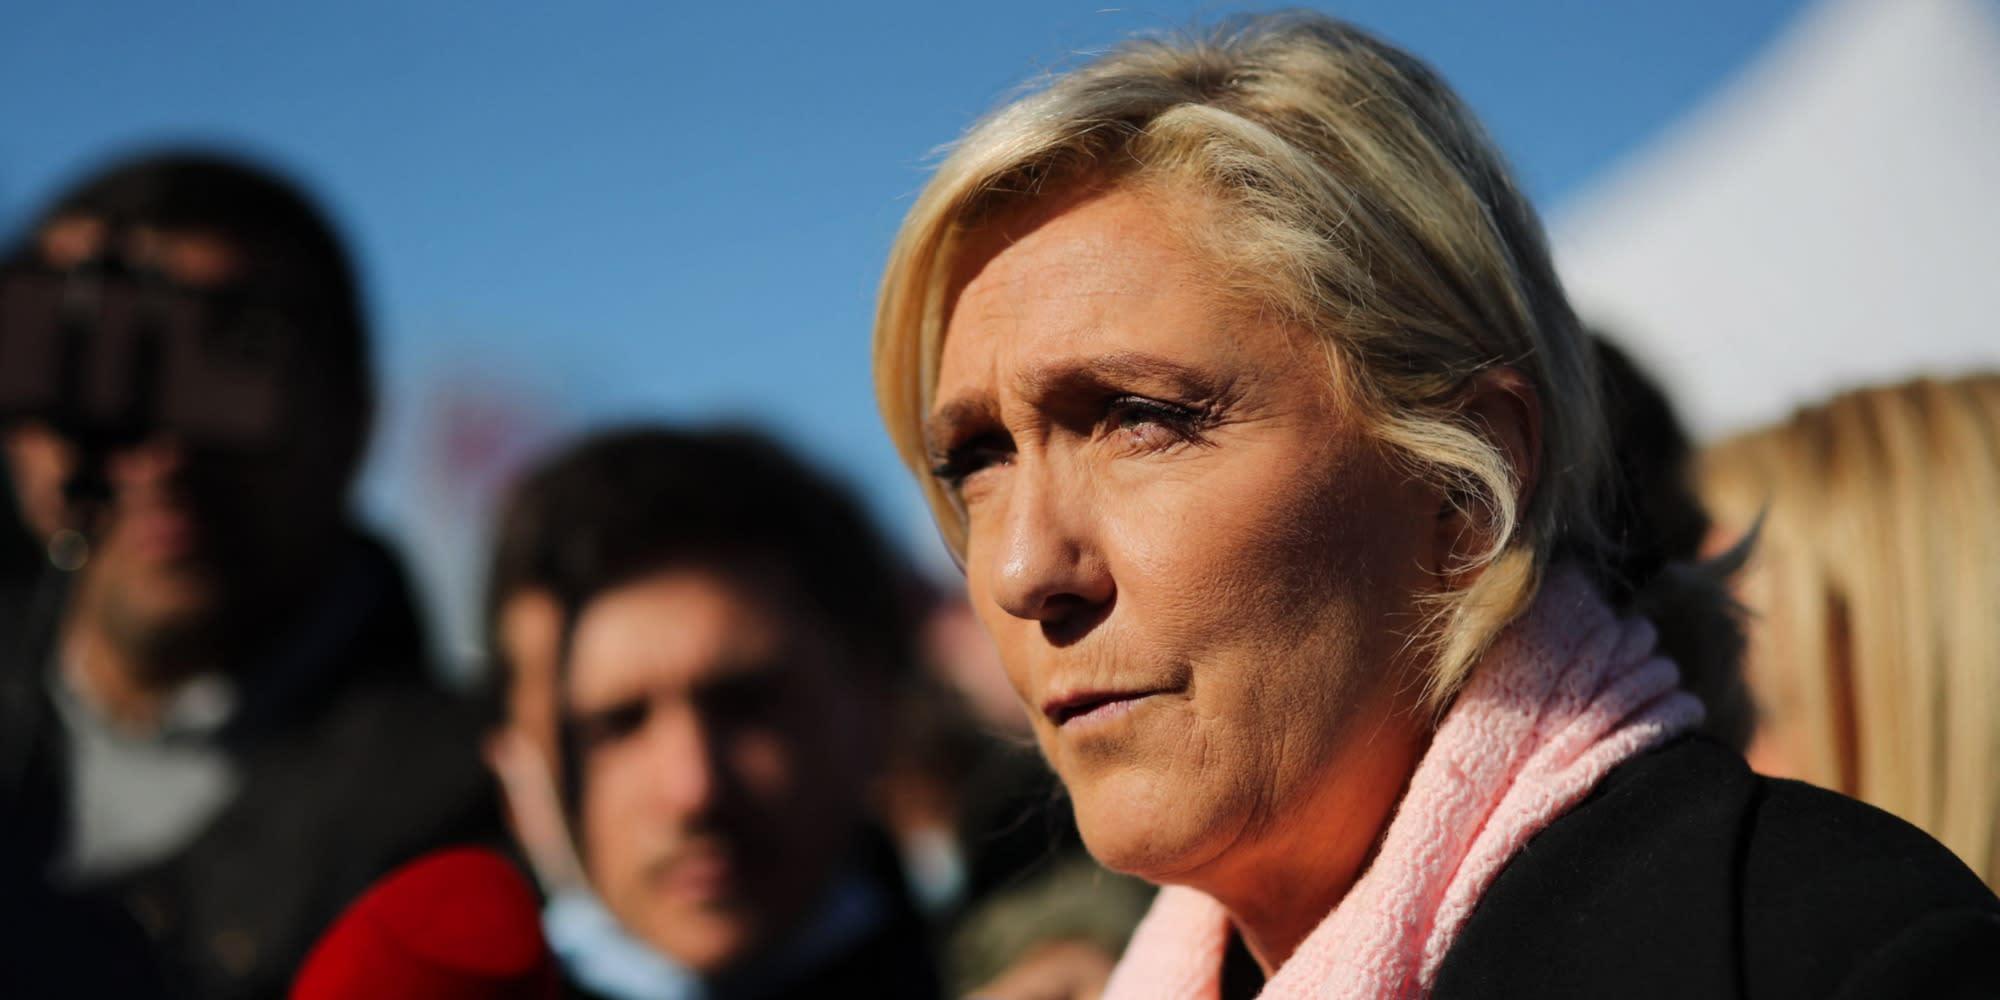 Ce qu'il faut retenir de la rencontre entre Marine Le Pen et Viktor Orban à Budapest